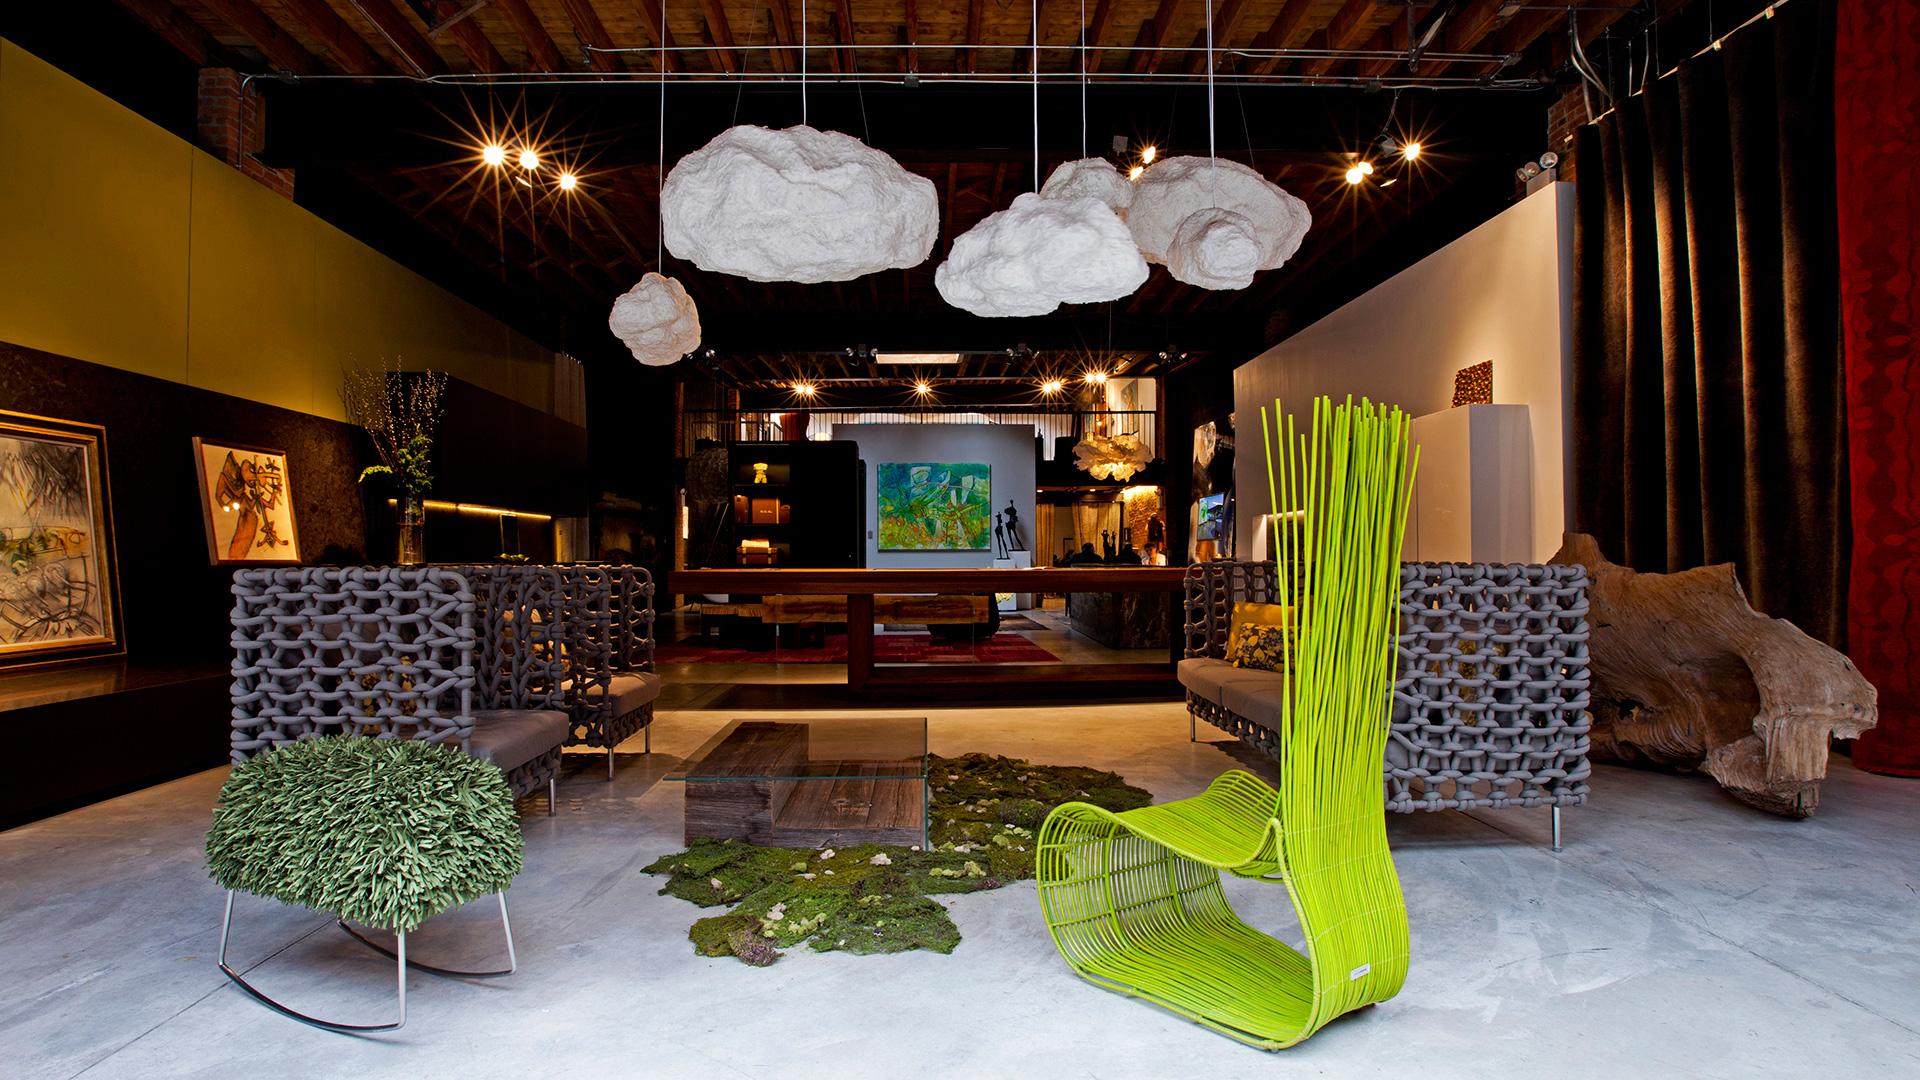 VoceDi-Soho-NewYork-design-02  Showrooms in New York Part I: Voce Di VoceDi Soho NewYork design 02